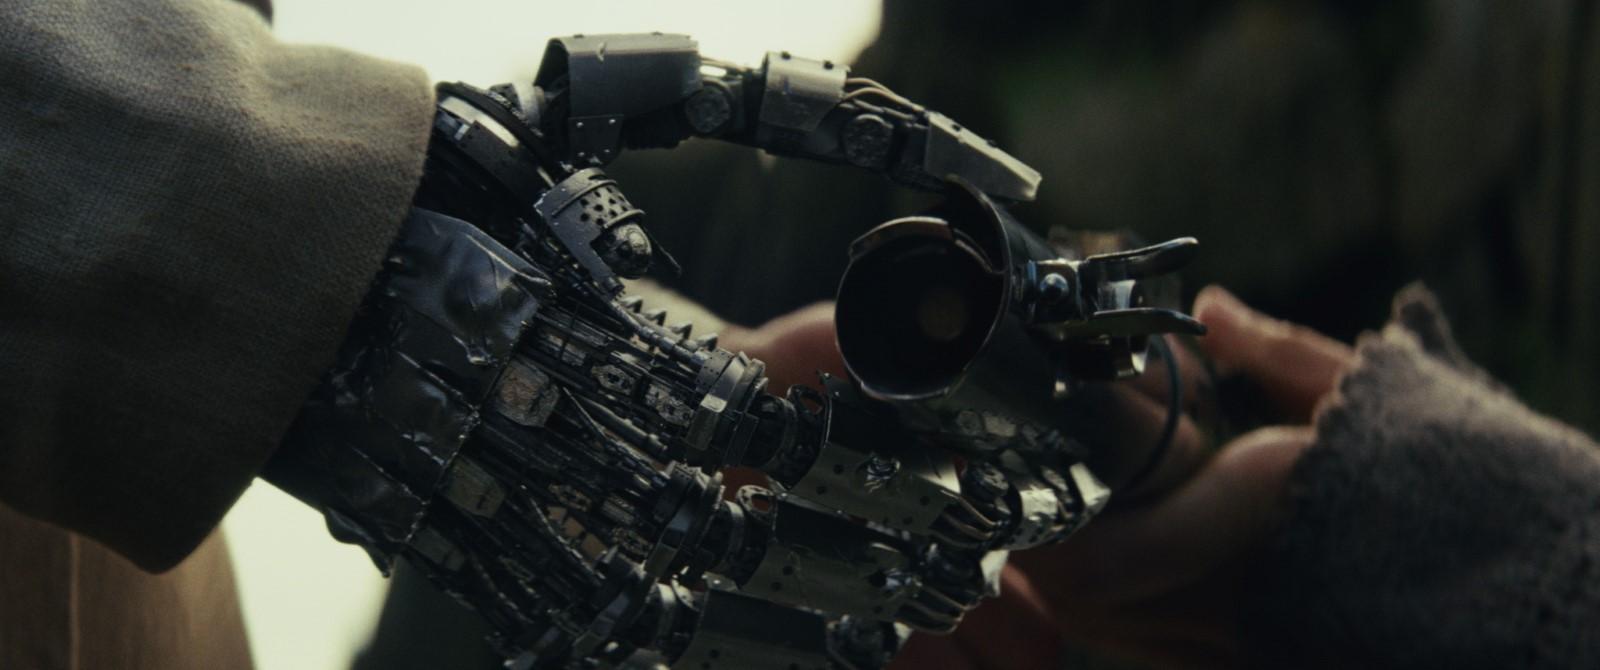 8 - Star Wars Les Derniers Jedi LE FILM - Vos Avis . SPOILER 4896748